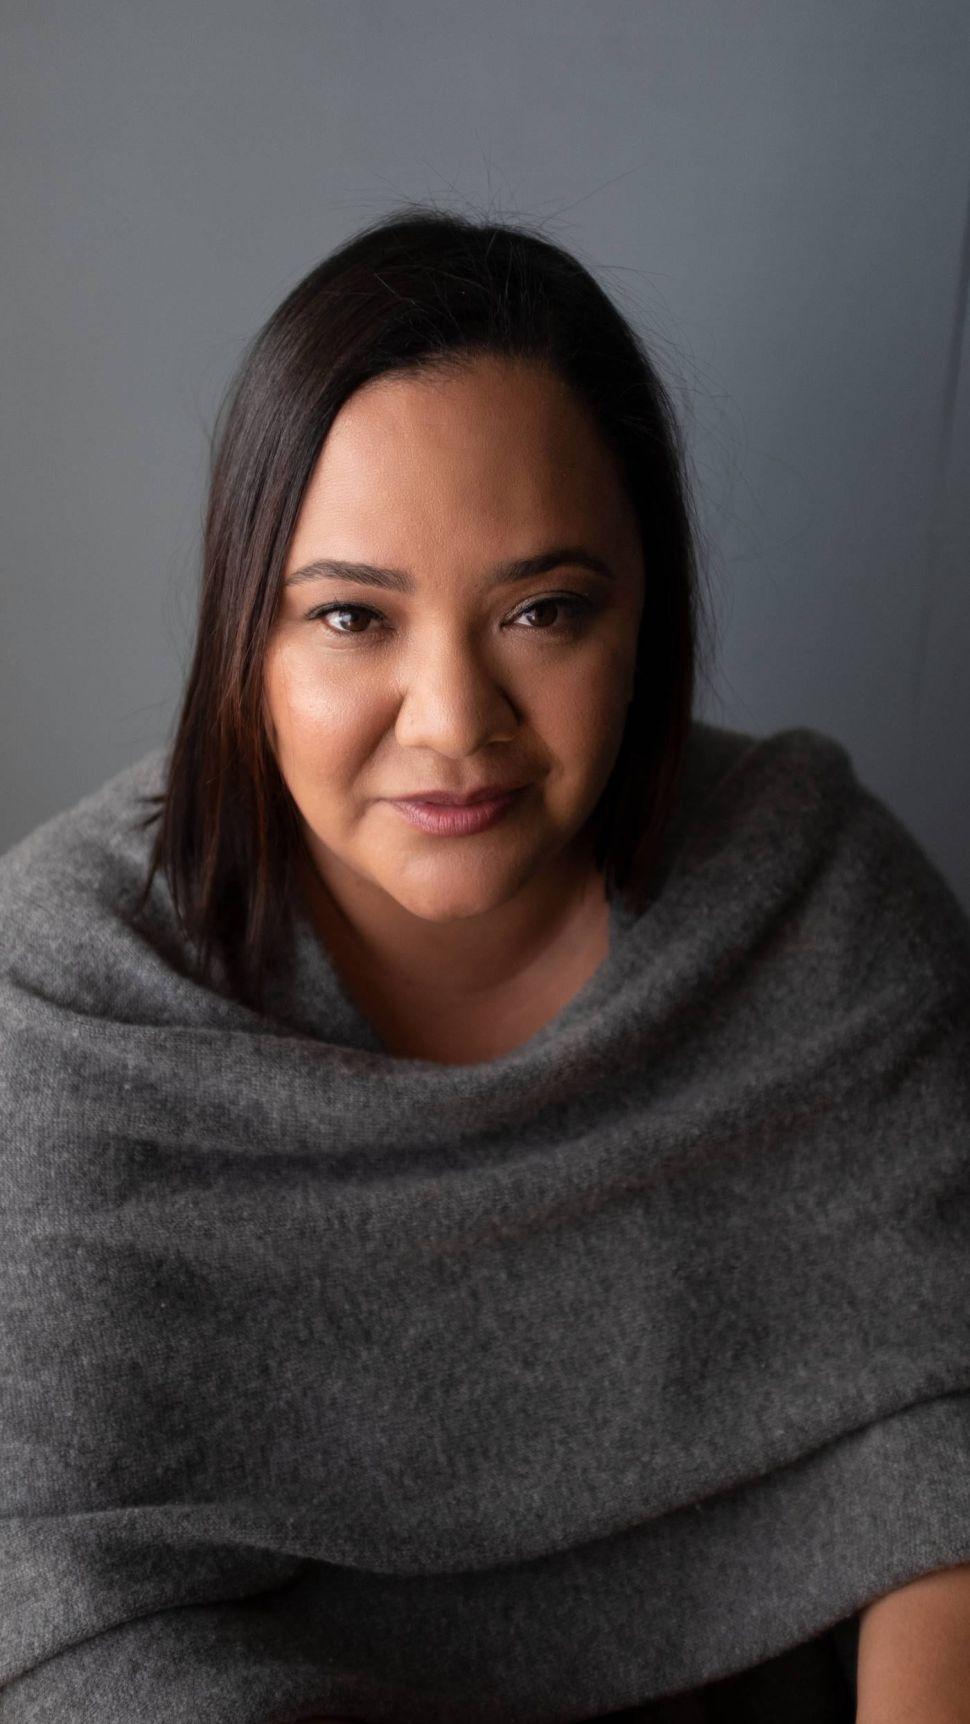 dream hampton, Director of 'Surviving R. Kelly,' Has Joined MOCAD's Board